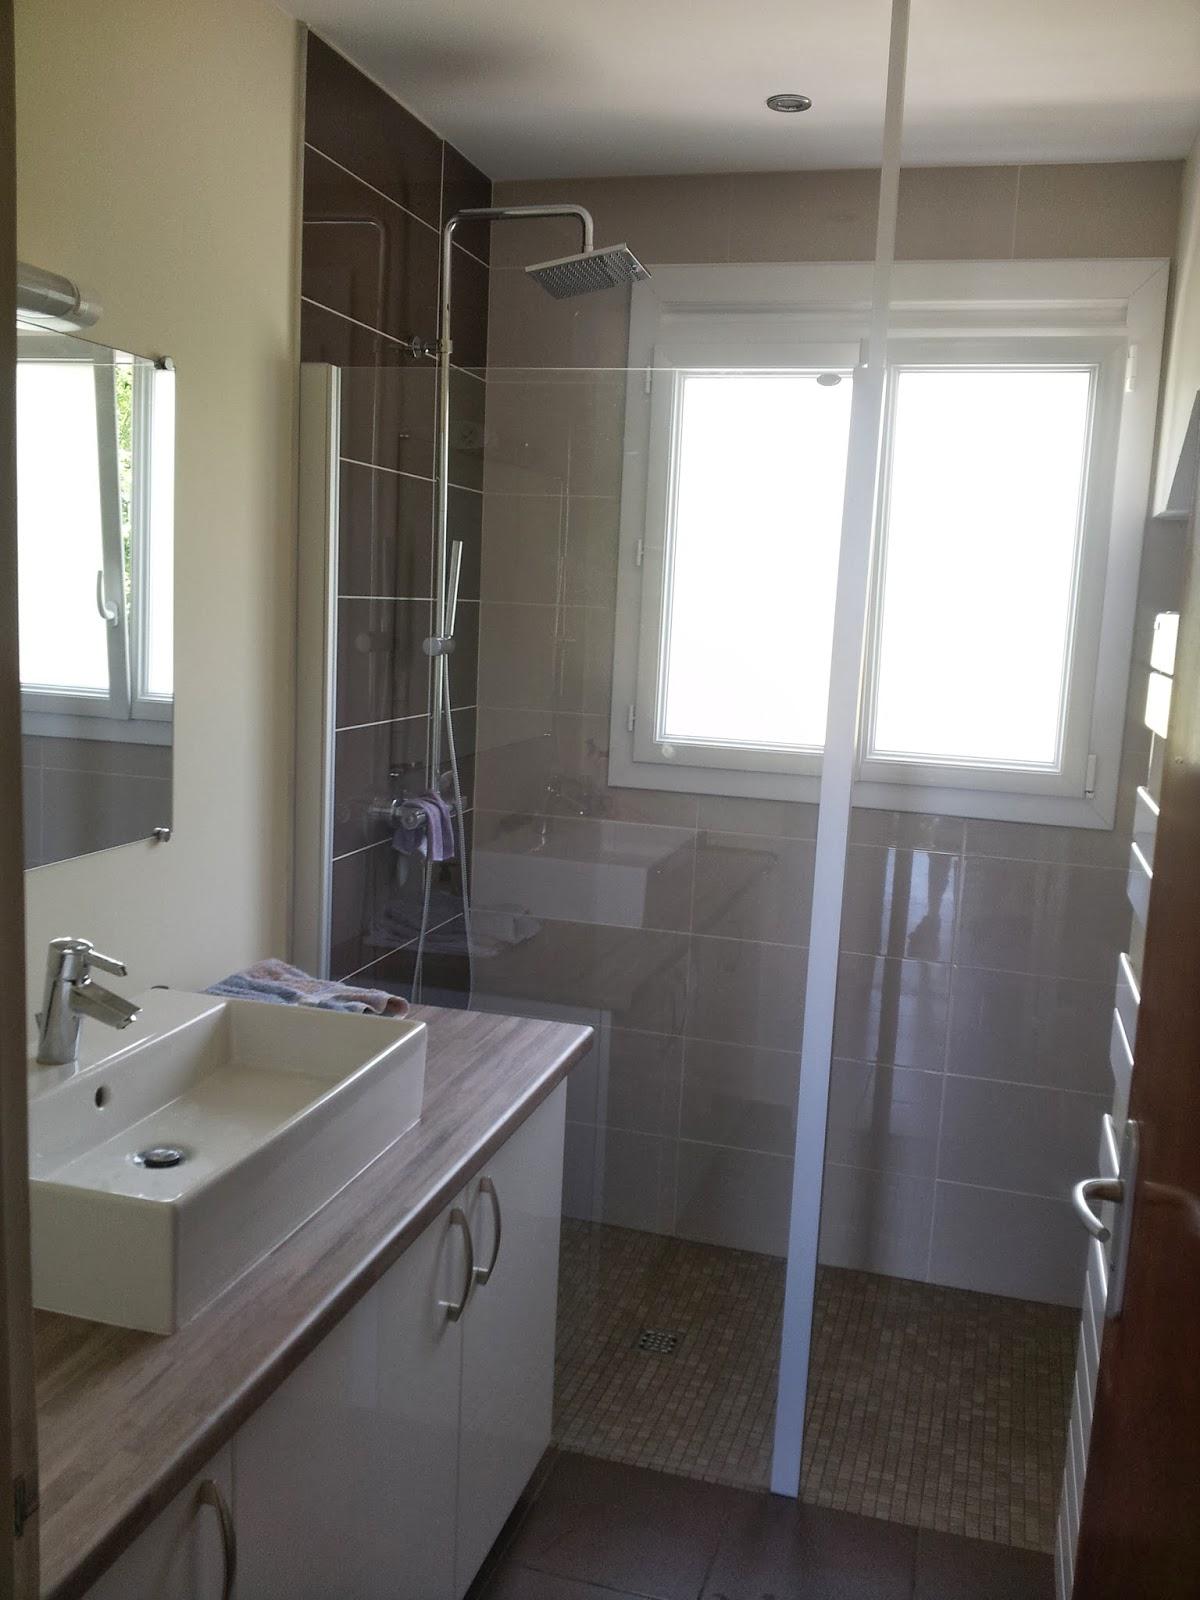 michel le coz agencement d coration salle d 39 eau marron et beige douche italienne. Black Bedroom Furniture Sets. Home Design Ideas